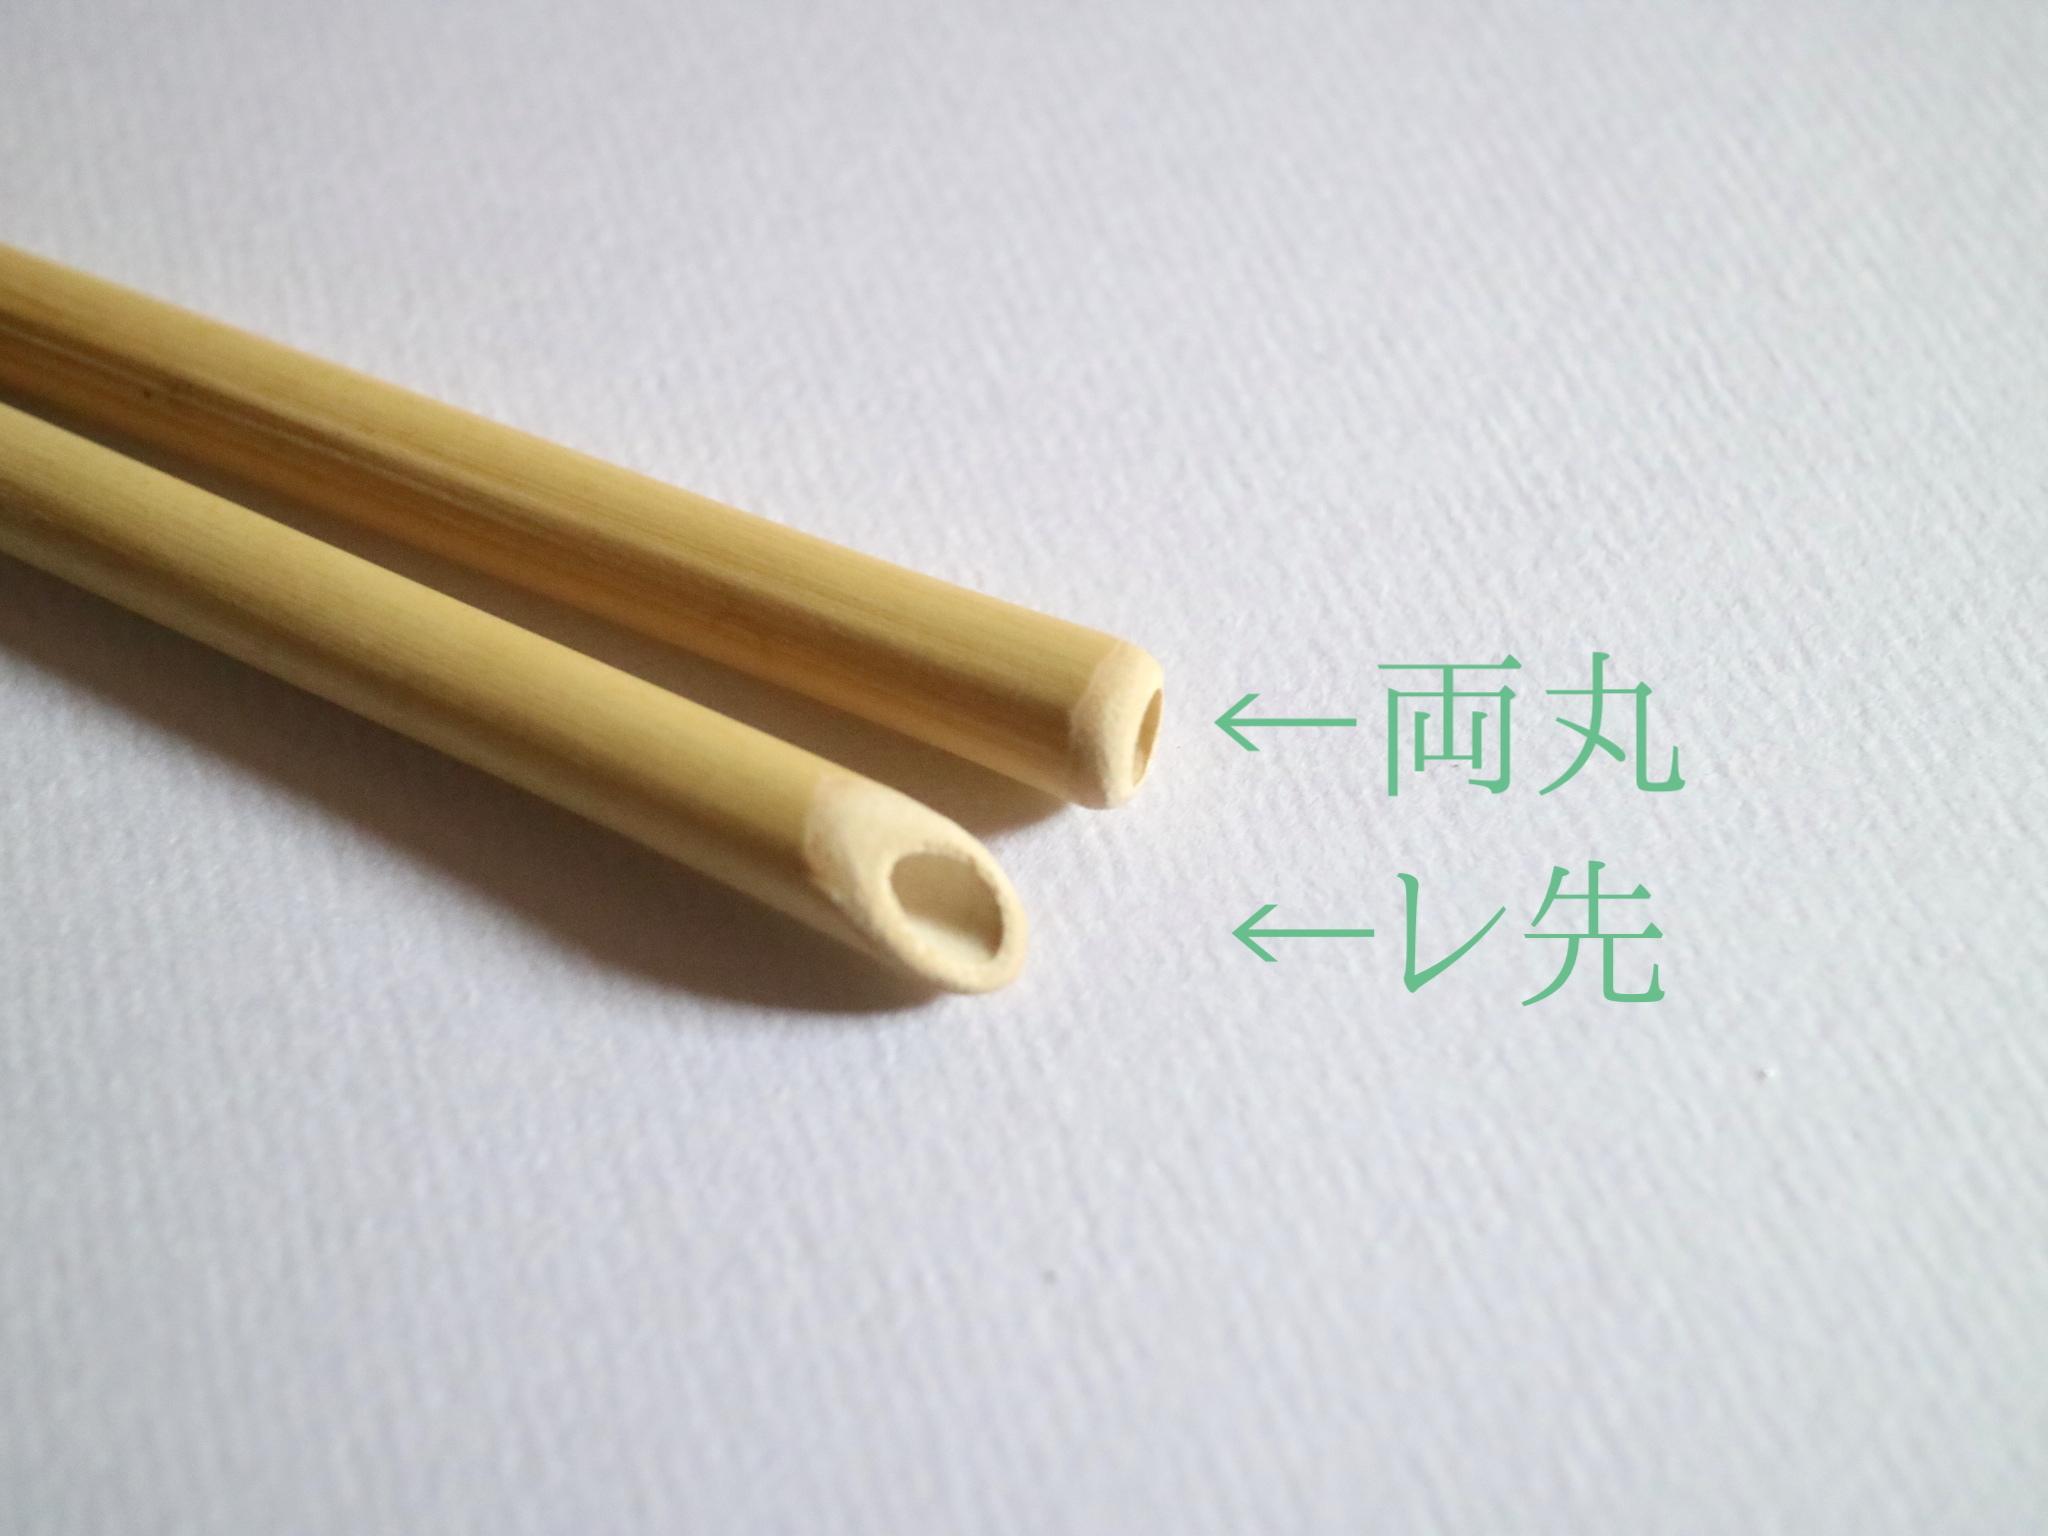 子供竹ストロー12cm_両丸・レ先(2本セット)